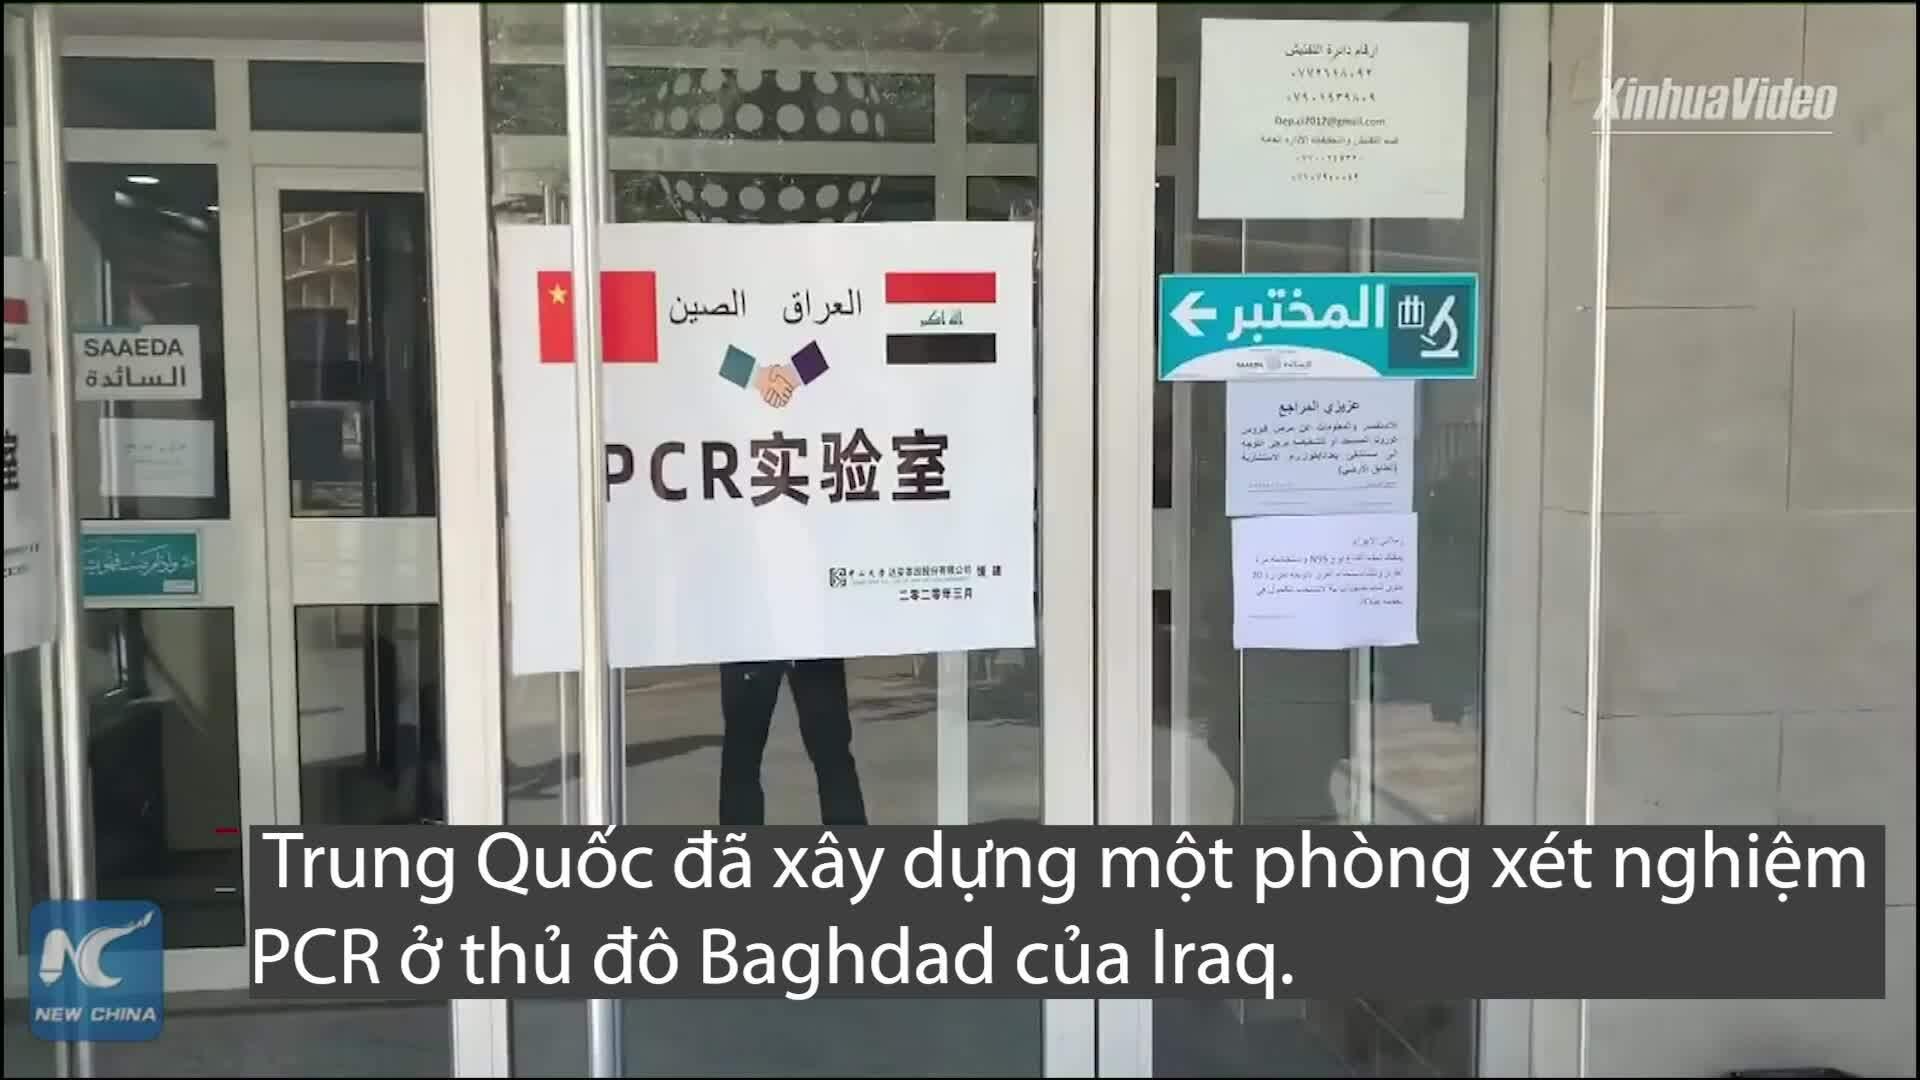 Trung Quốc xây dựng phòng xét nghiệm PCR hỗ trợ Iraq